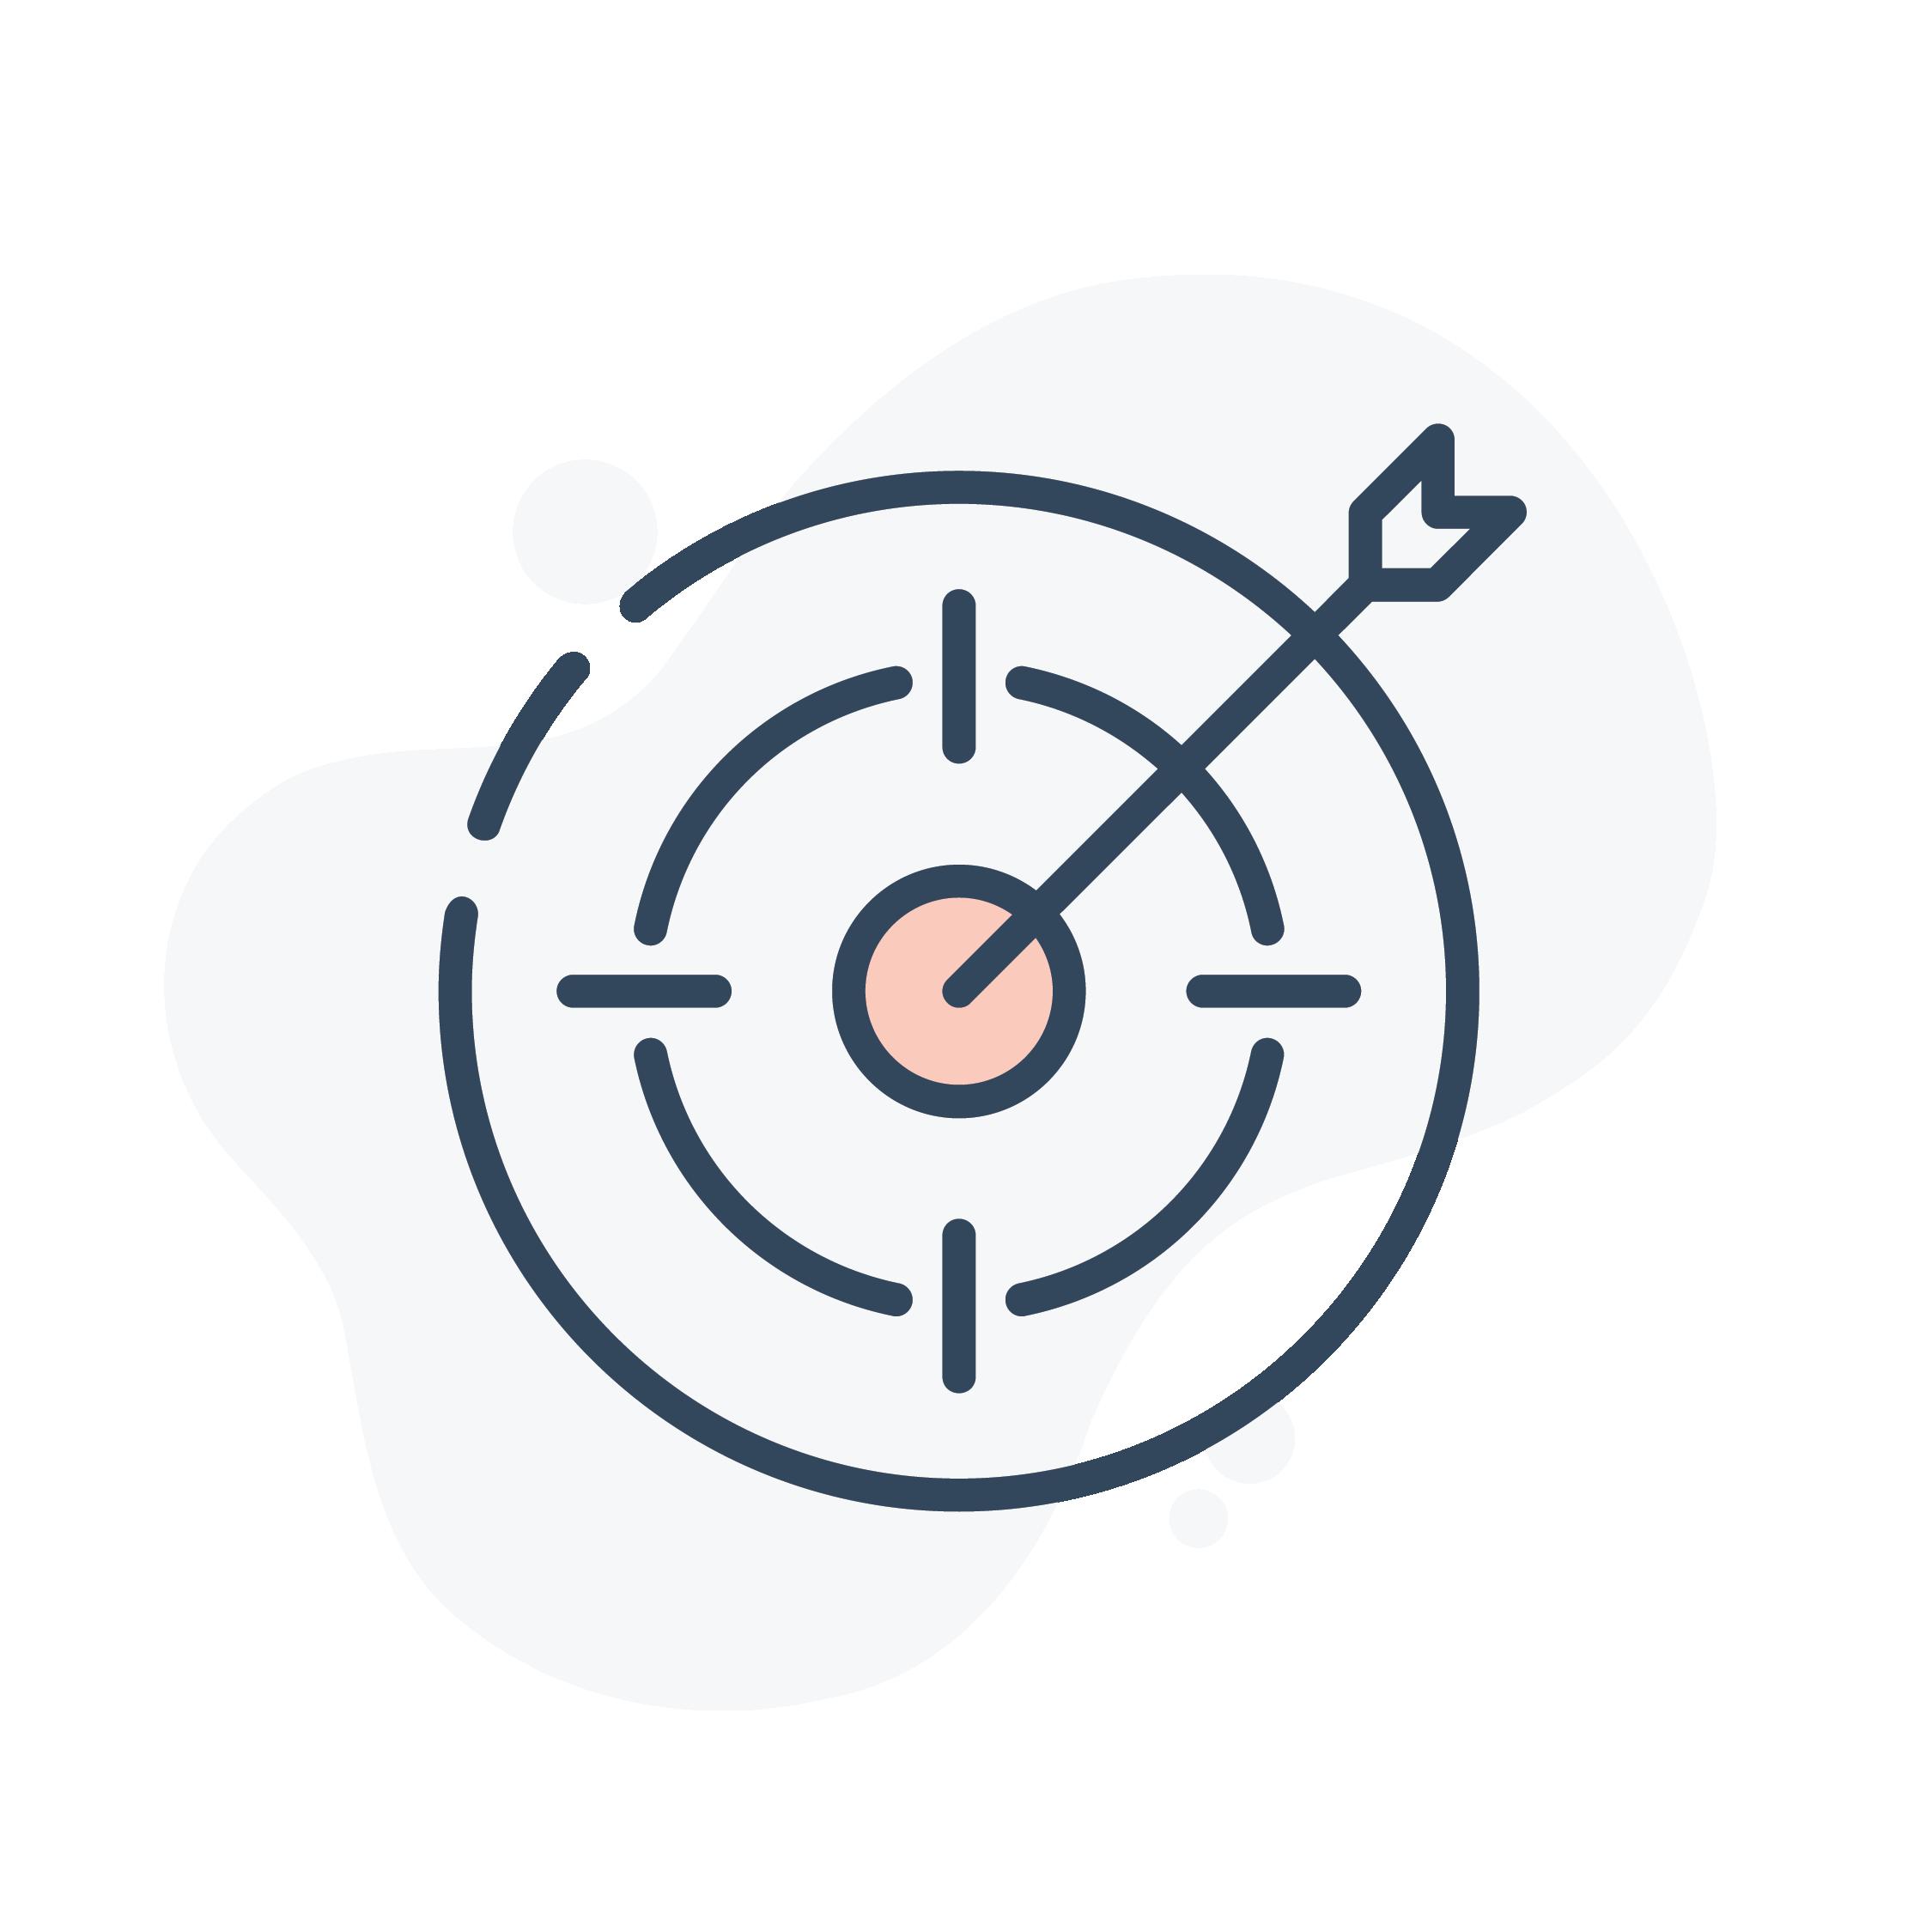 PH Icon - Target